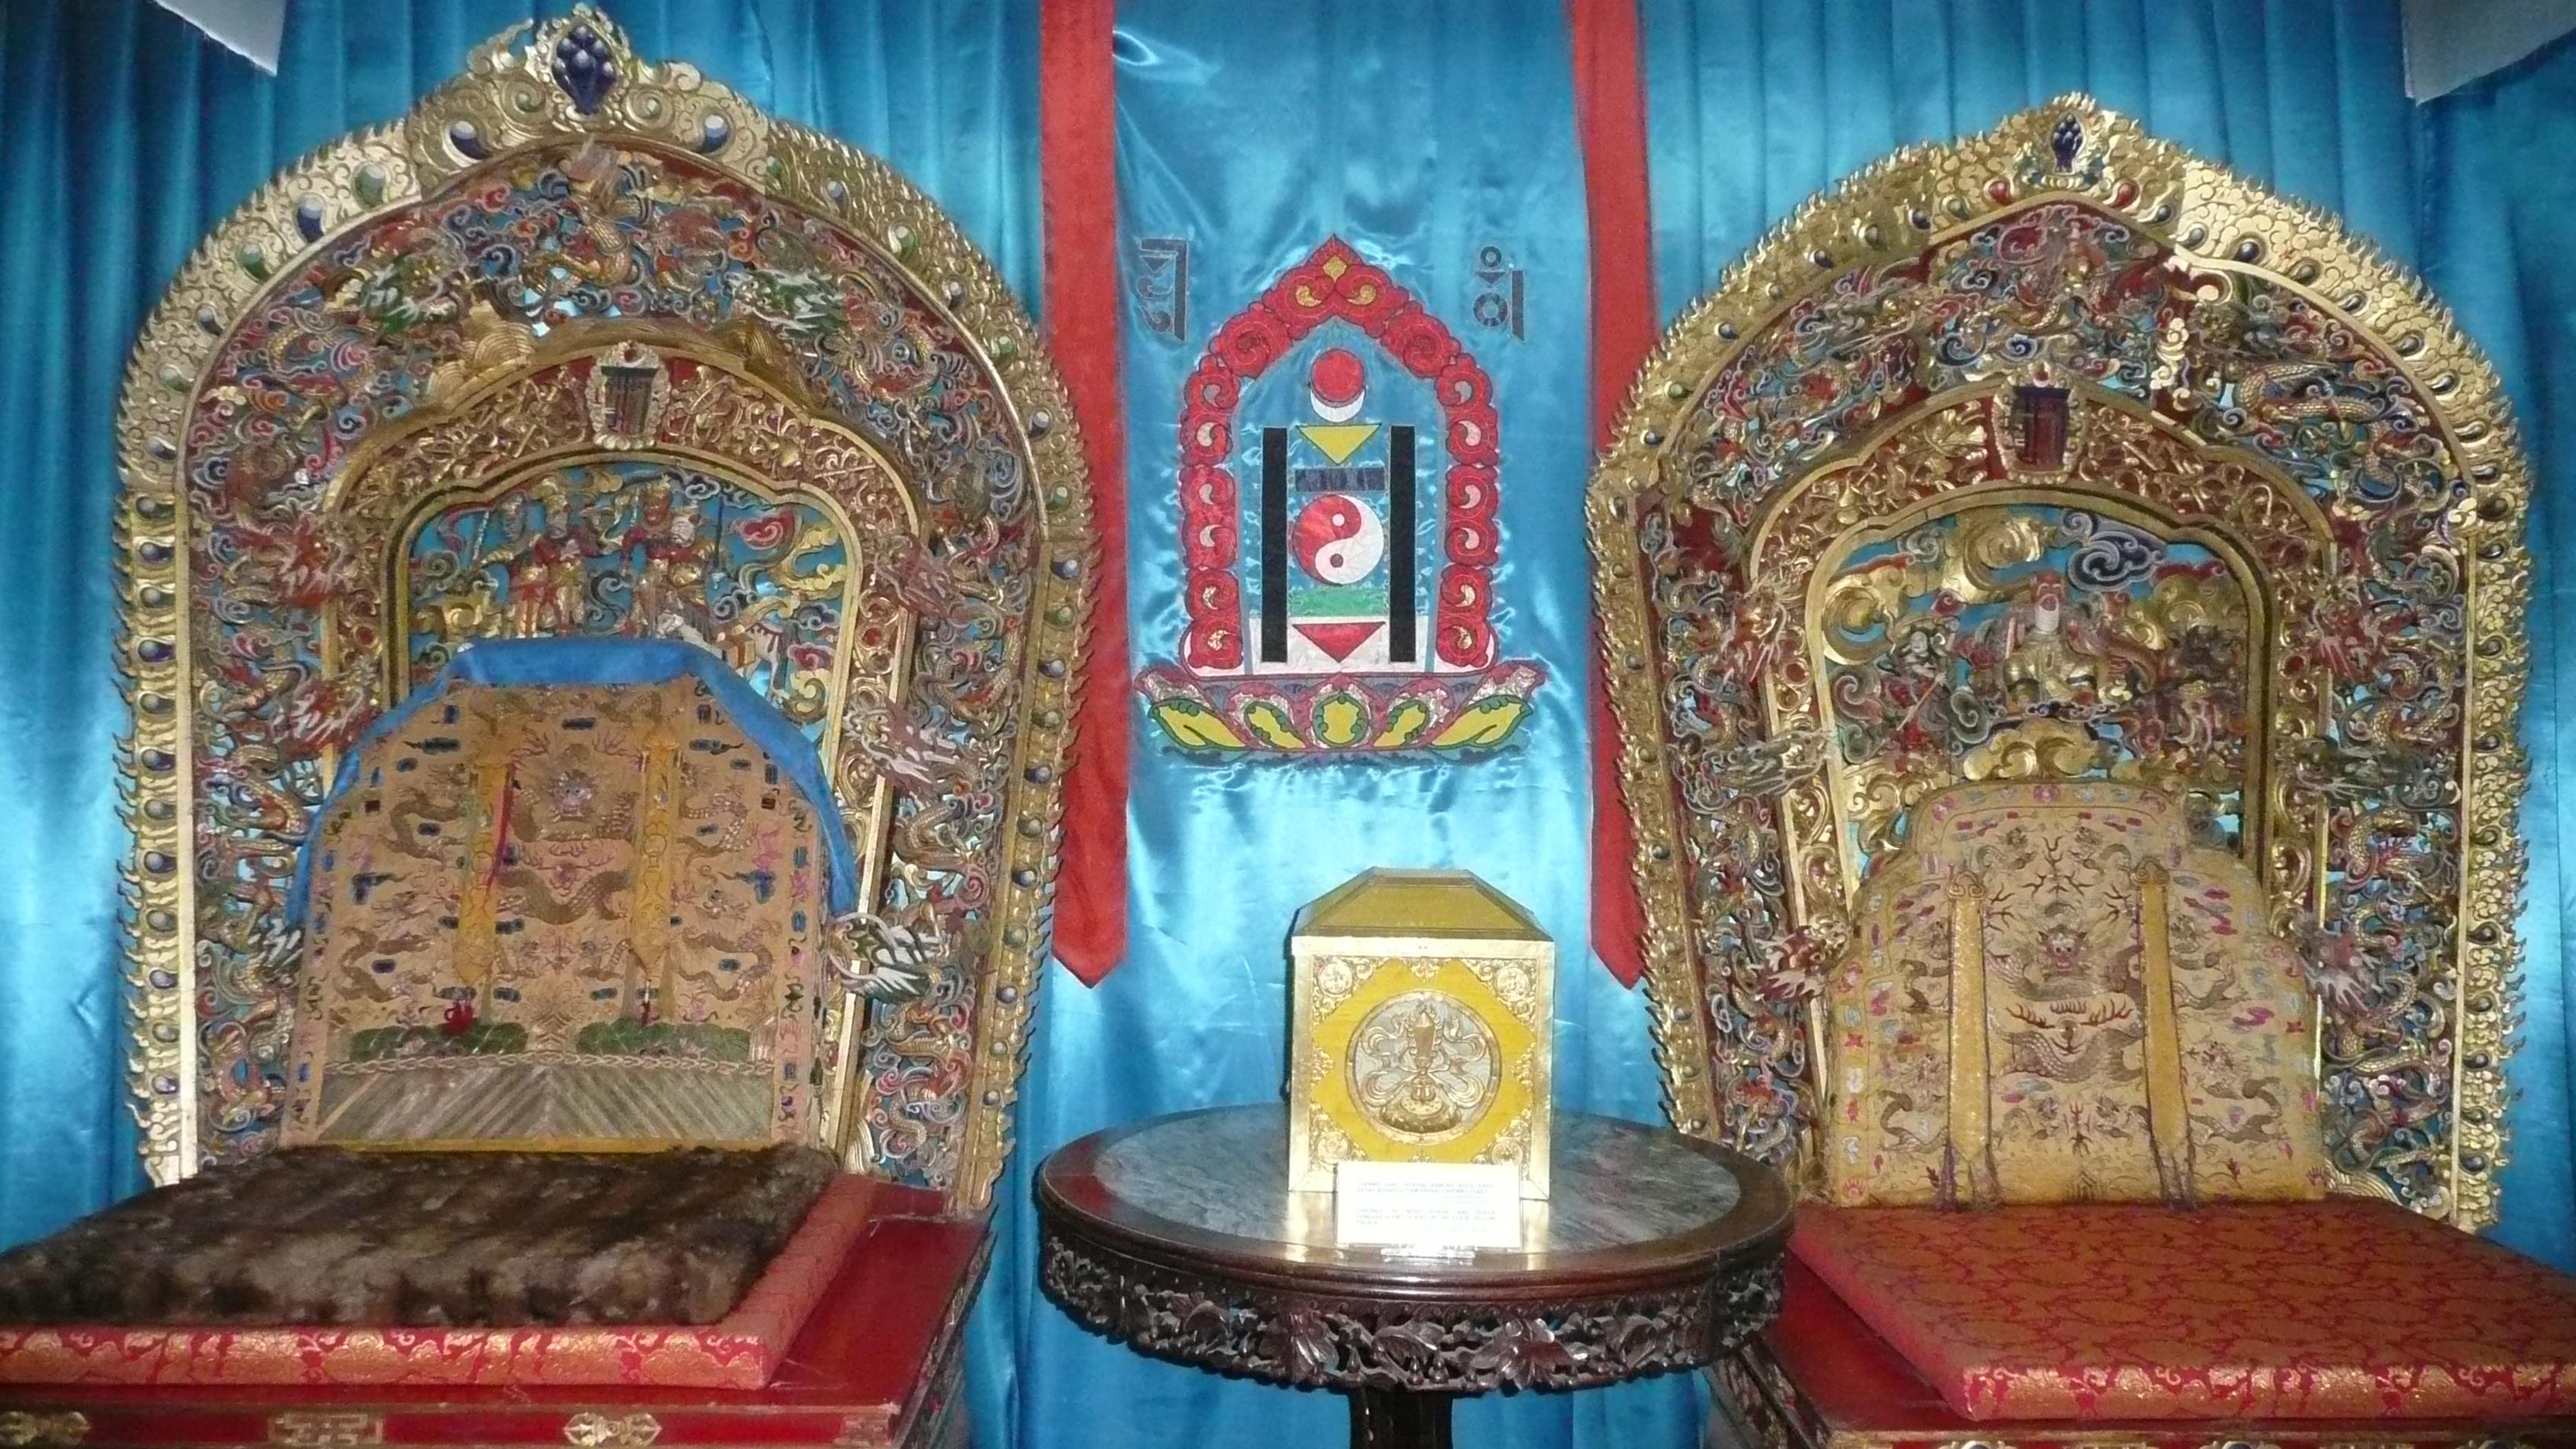 11-5 Богд хааны ордон музейн үнэ цэнэтэй үзмэрүүд...